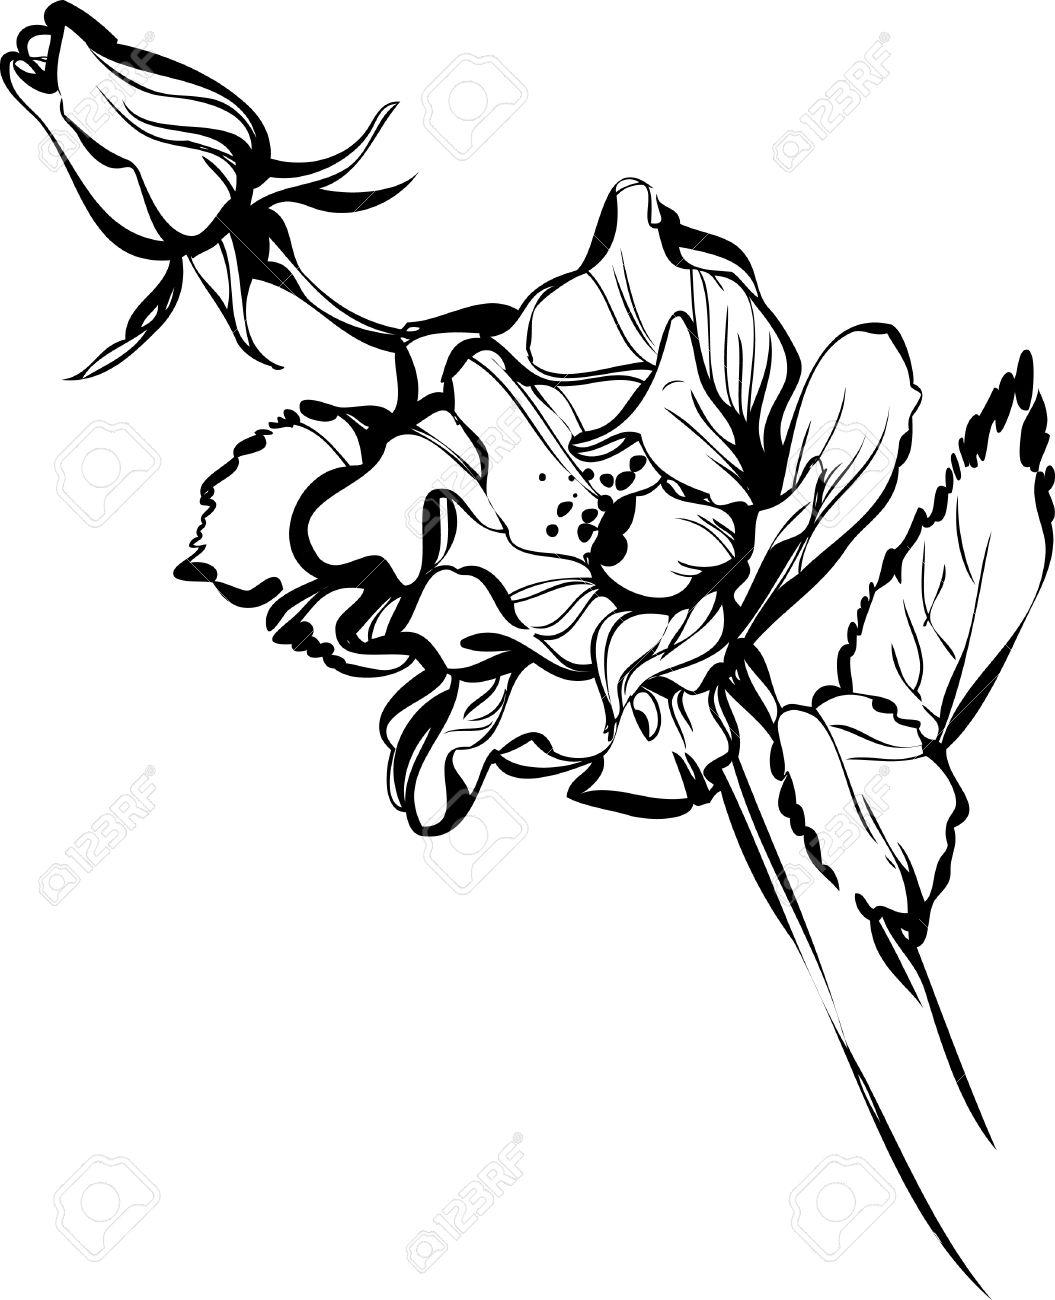 Banque dimages , dessin noir et blanc dun bourgeon de la fleur dune belle